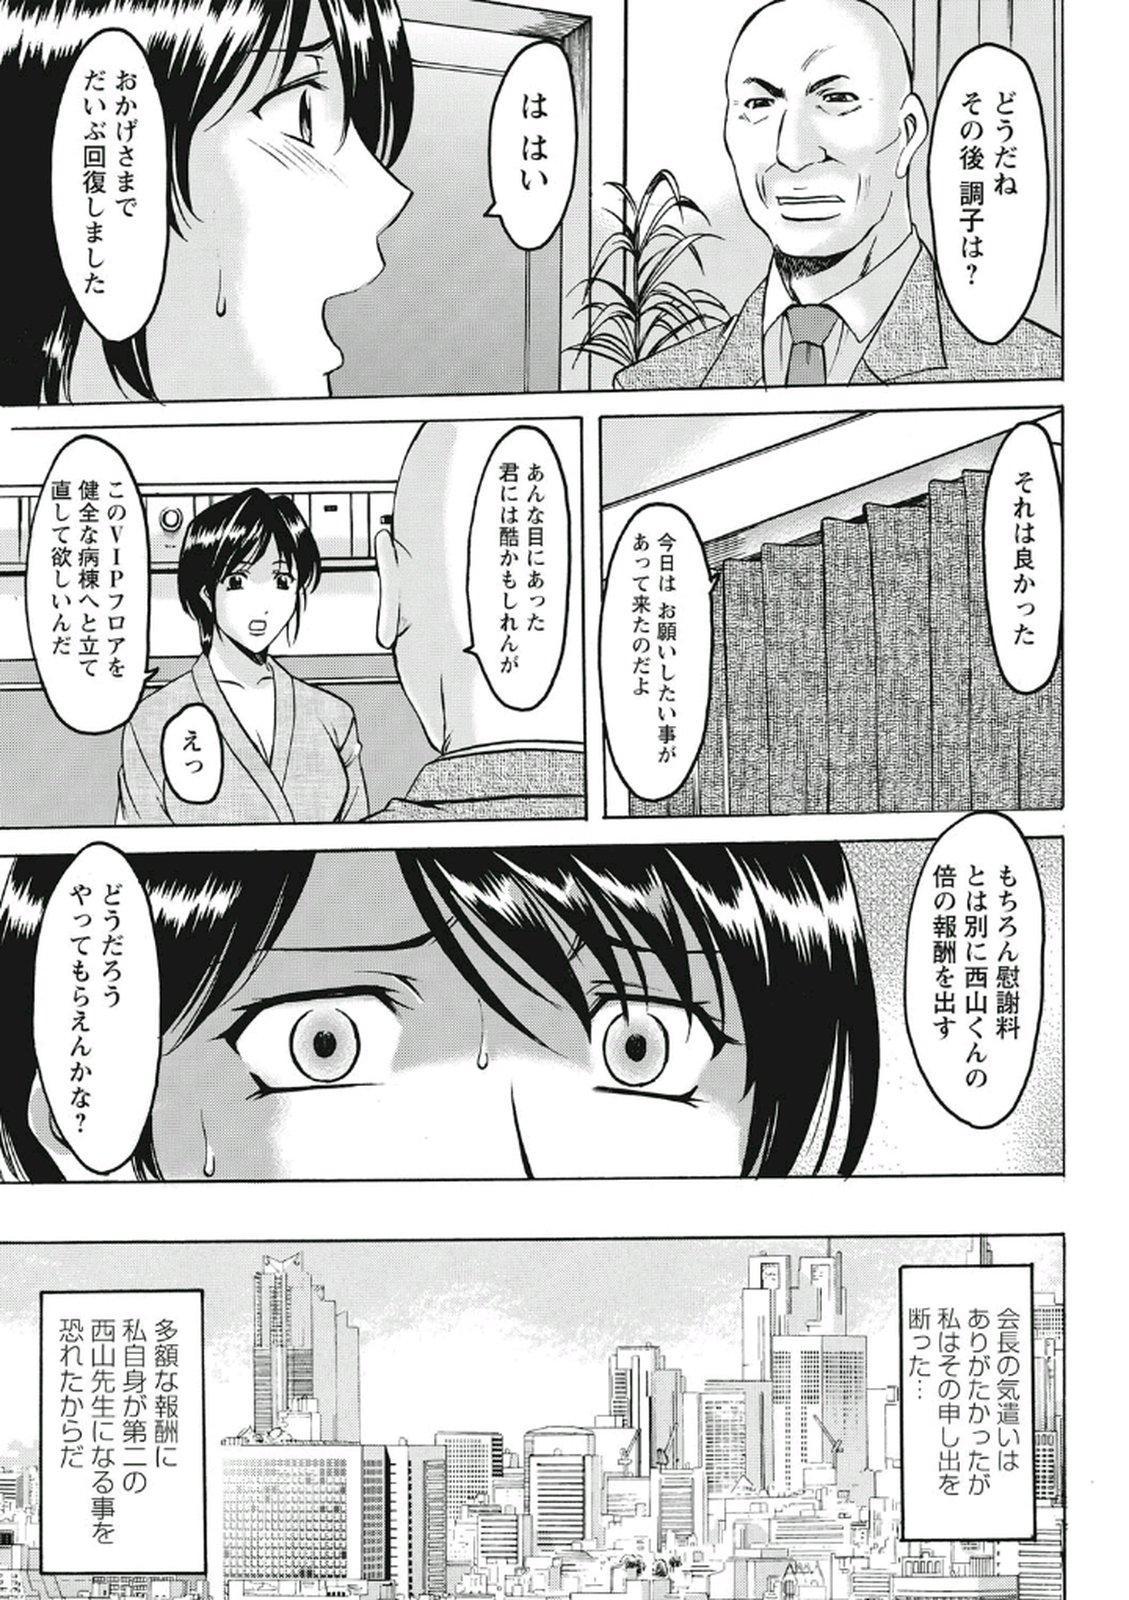 Chijoku Byoutou 194